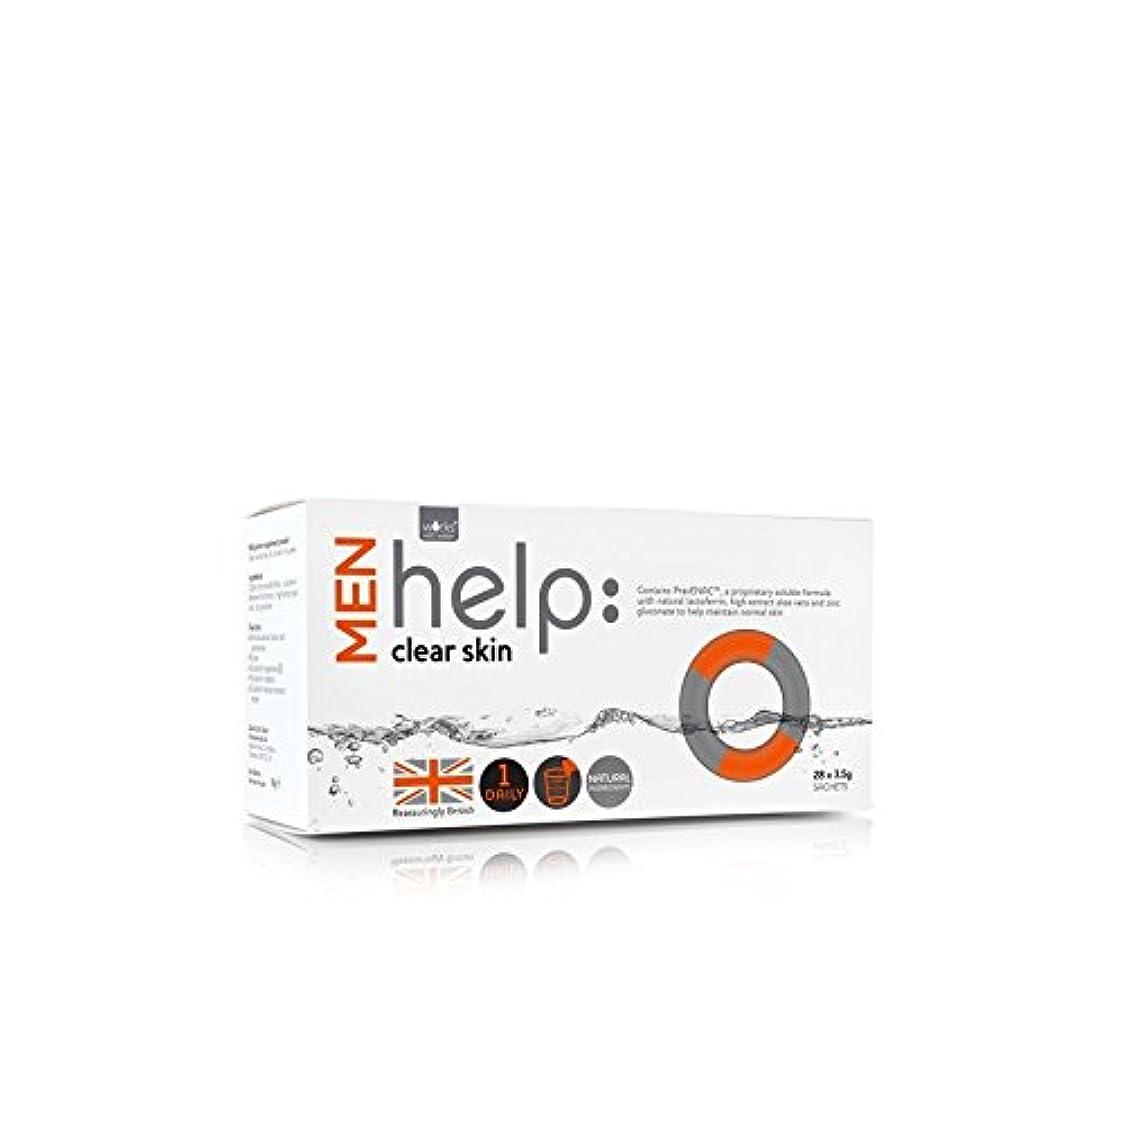 レコーダープラットフォームダーツWorks With Water Men's Help: Clear Skin Soluble Supplement (28 X 3.5G) (Pack of 6) - クリアな肌可溶性サプリメント(28 3.5グラム)...